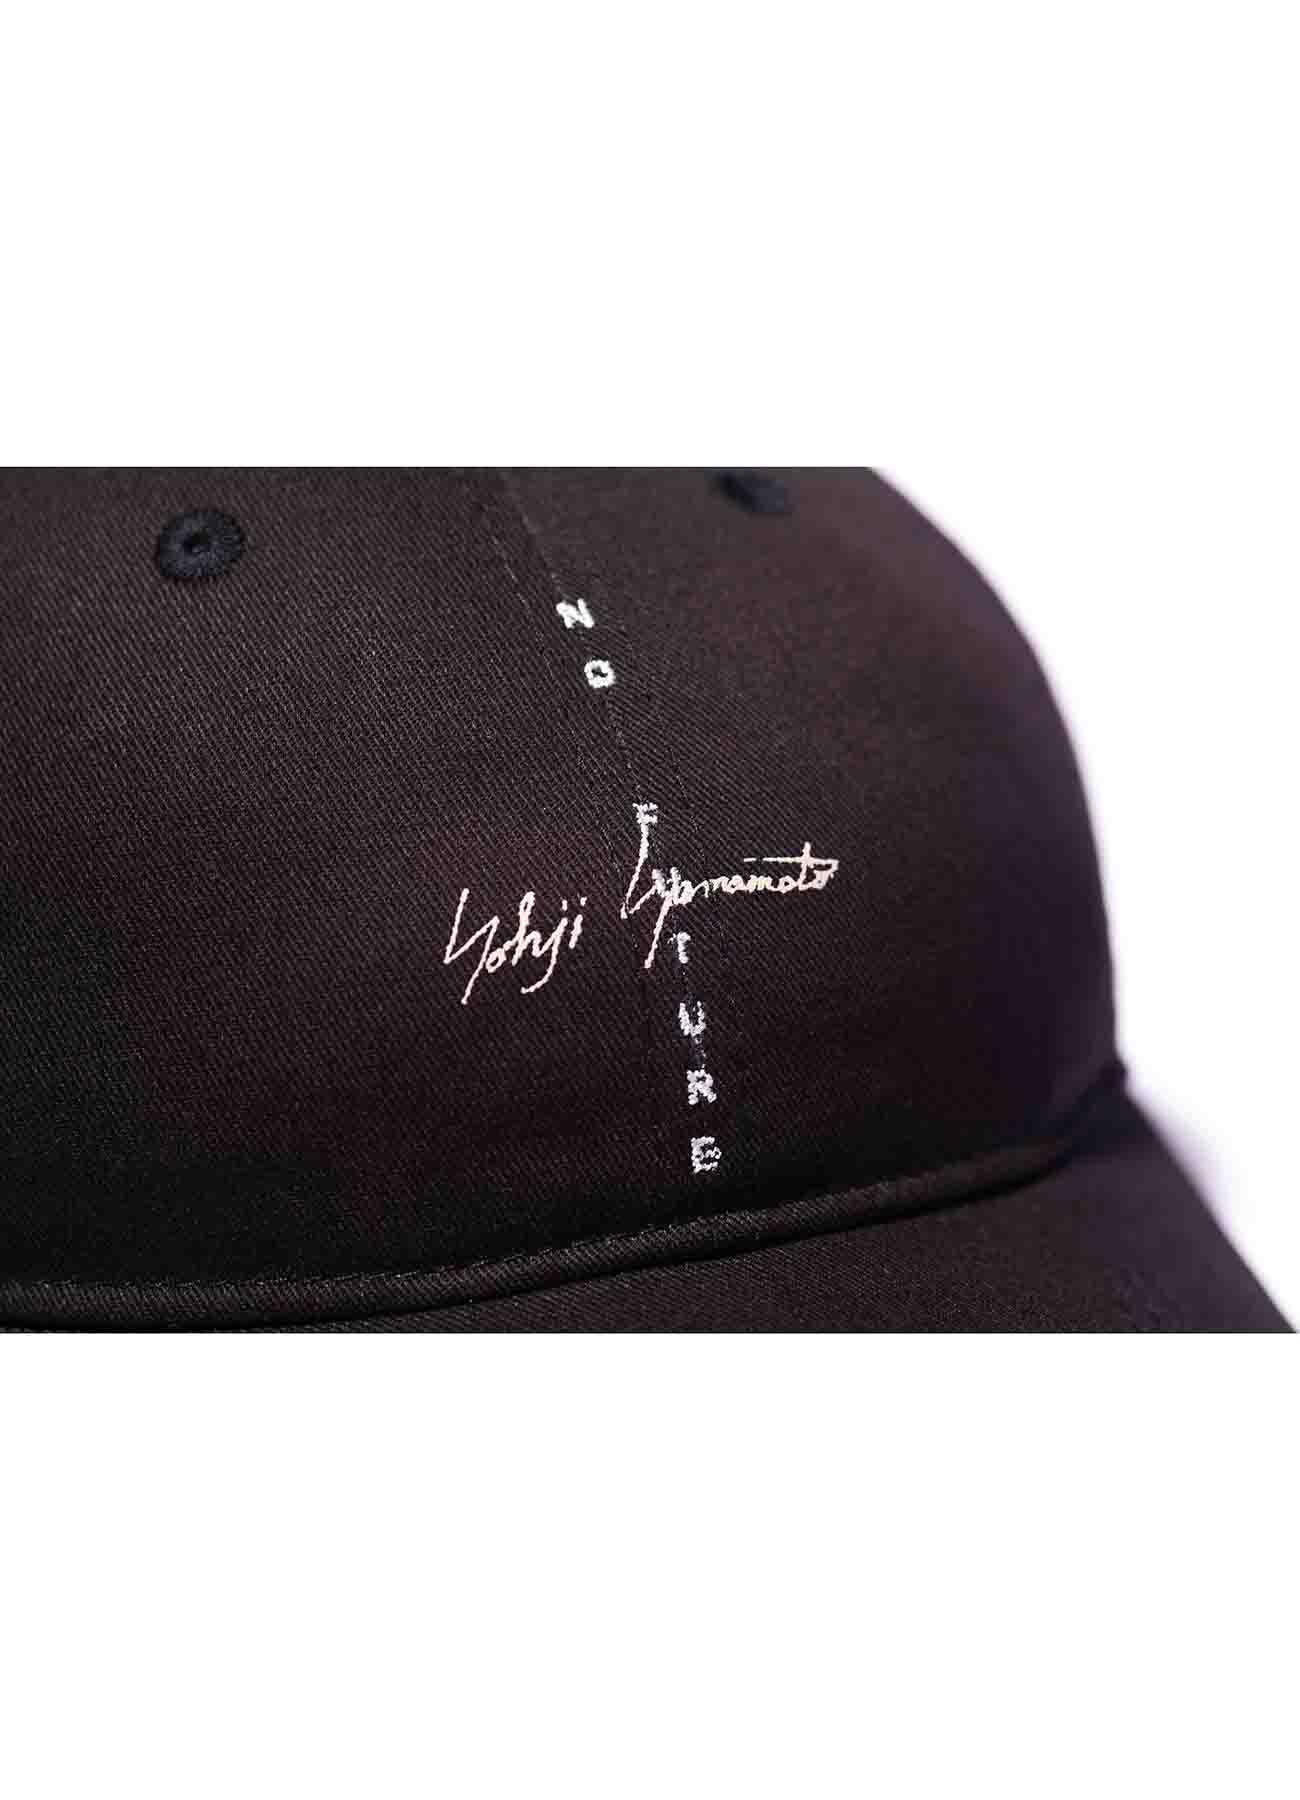 Yohji Yamamoto × New Era COTTON BLACK 9THIRTY  NO FUTURE LOGO